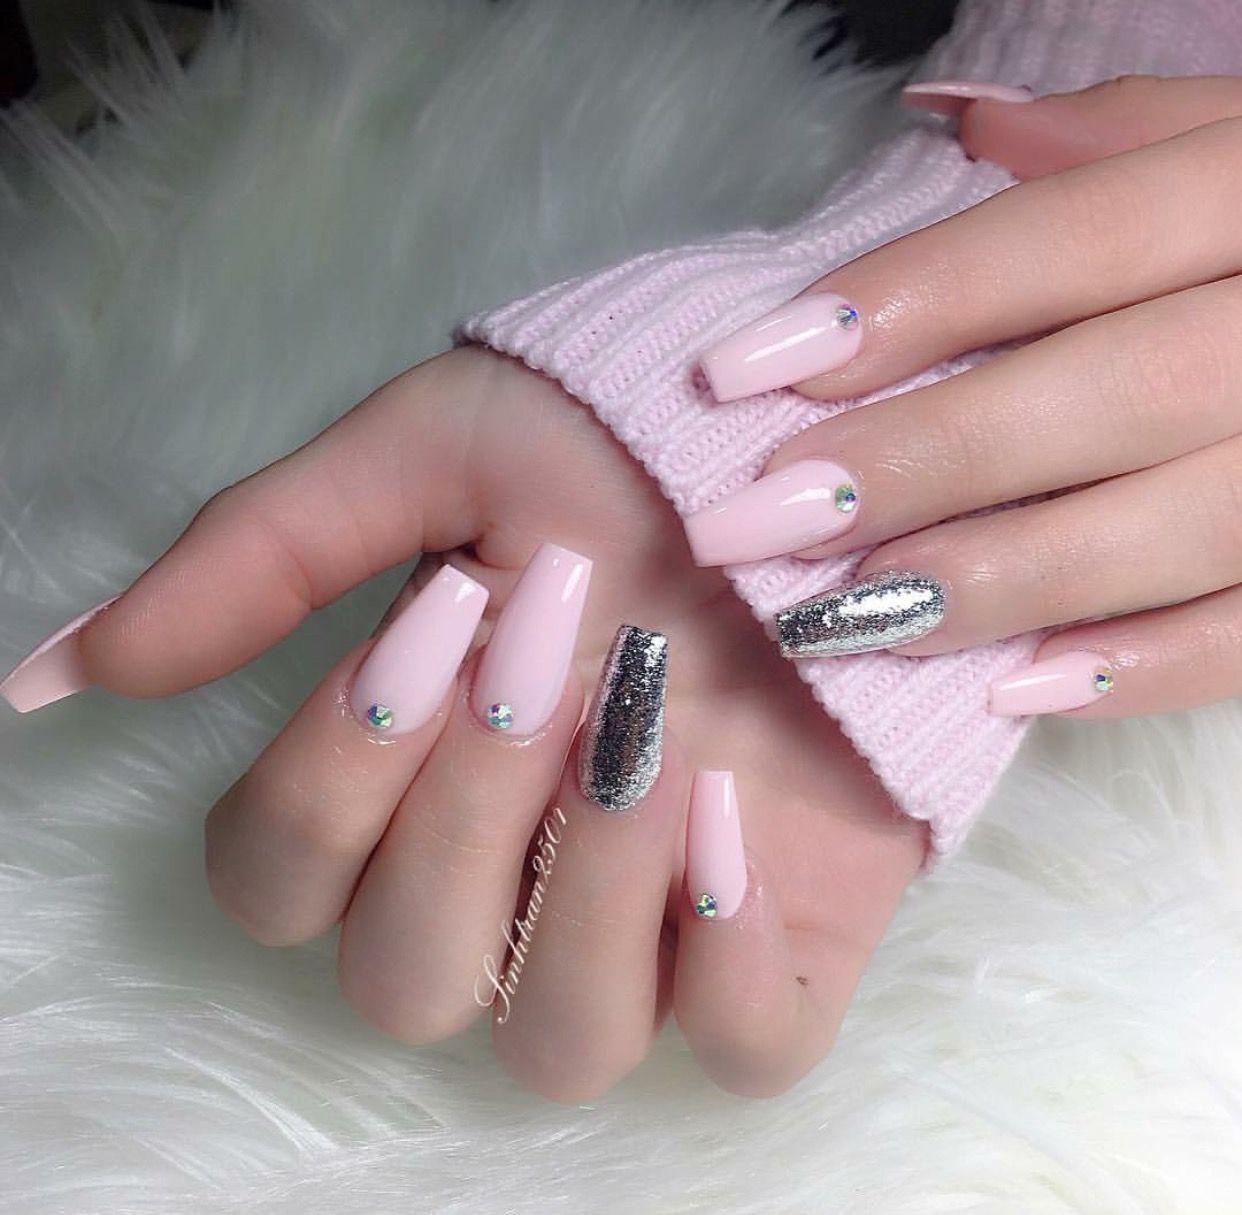 Hair Nails And Style Sinhtran Pink Acrylic Nails Pink Nails Baby Pink Nails